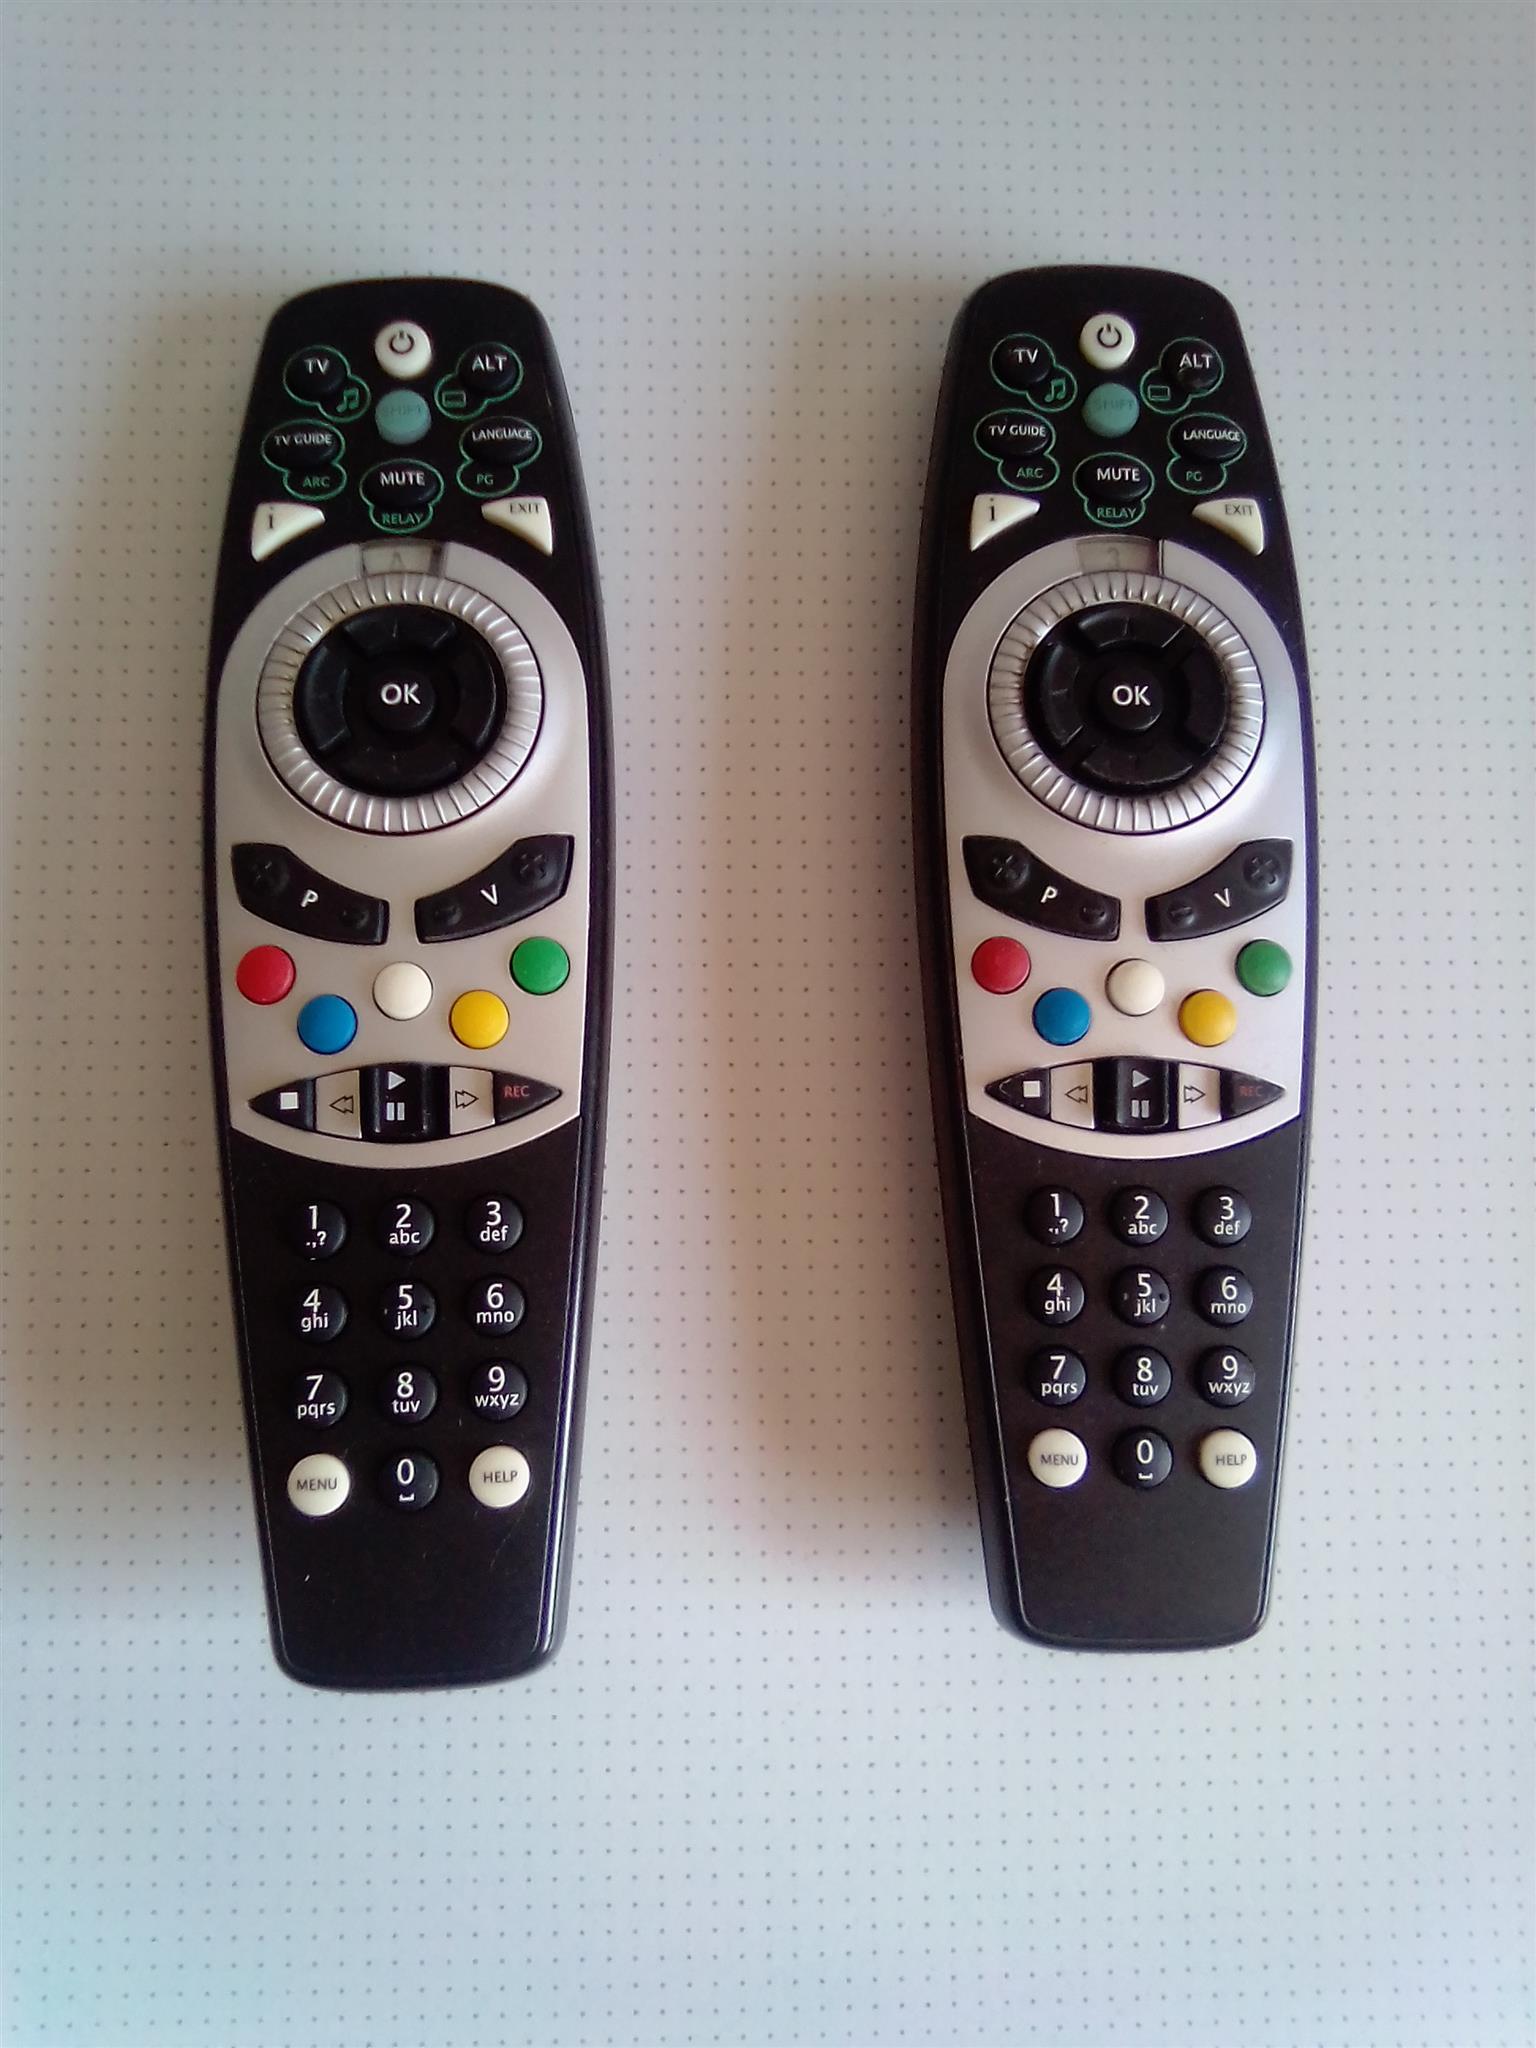 PVR1 Remote Control . R90 each.